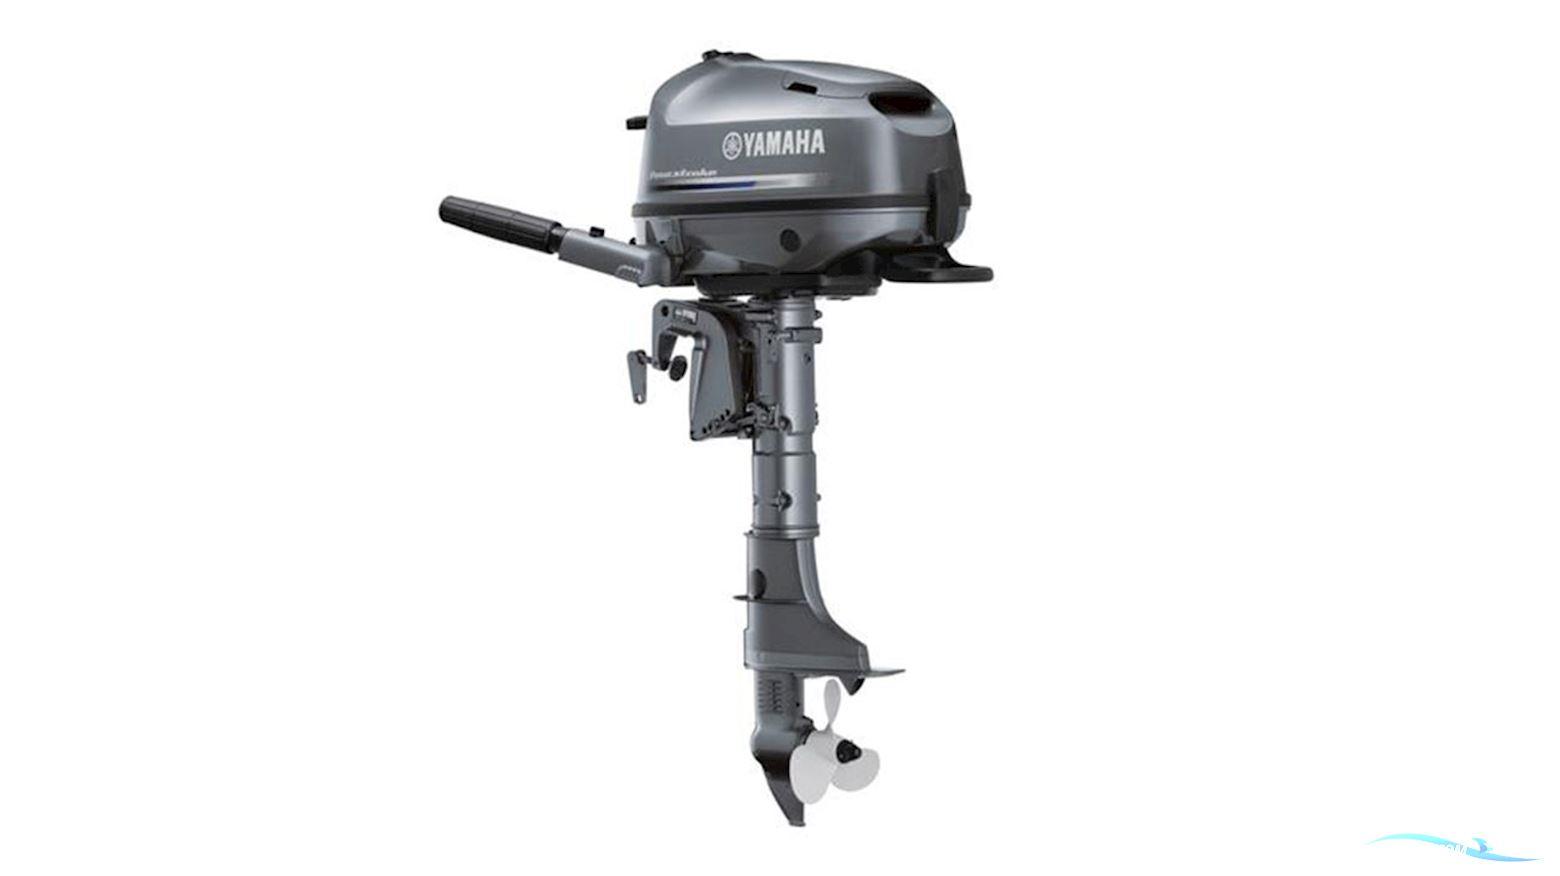 Yamaha 4 HK 4-Takt Påhængsmotor RESTPARTI